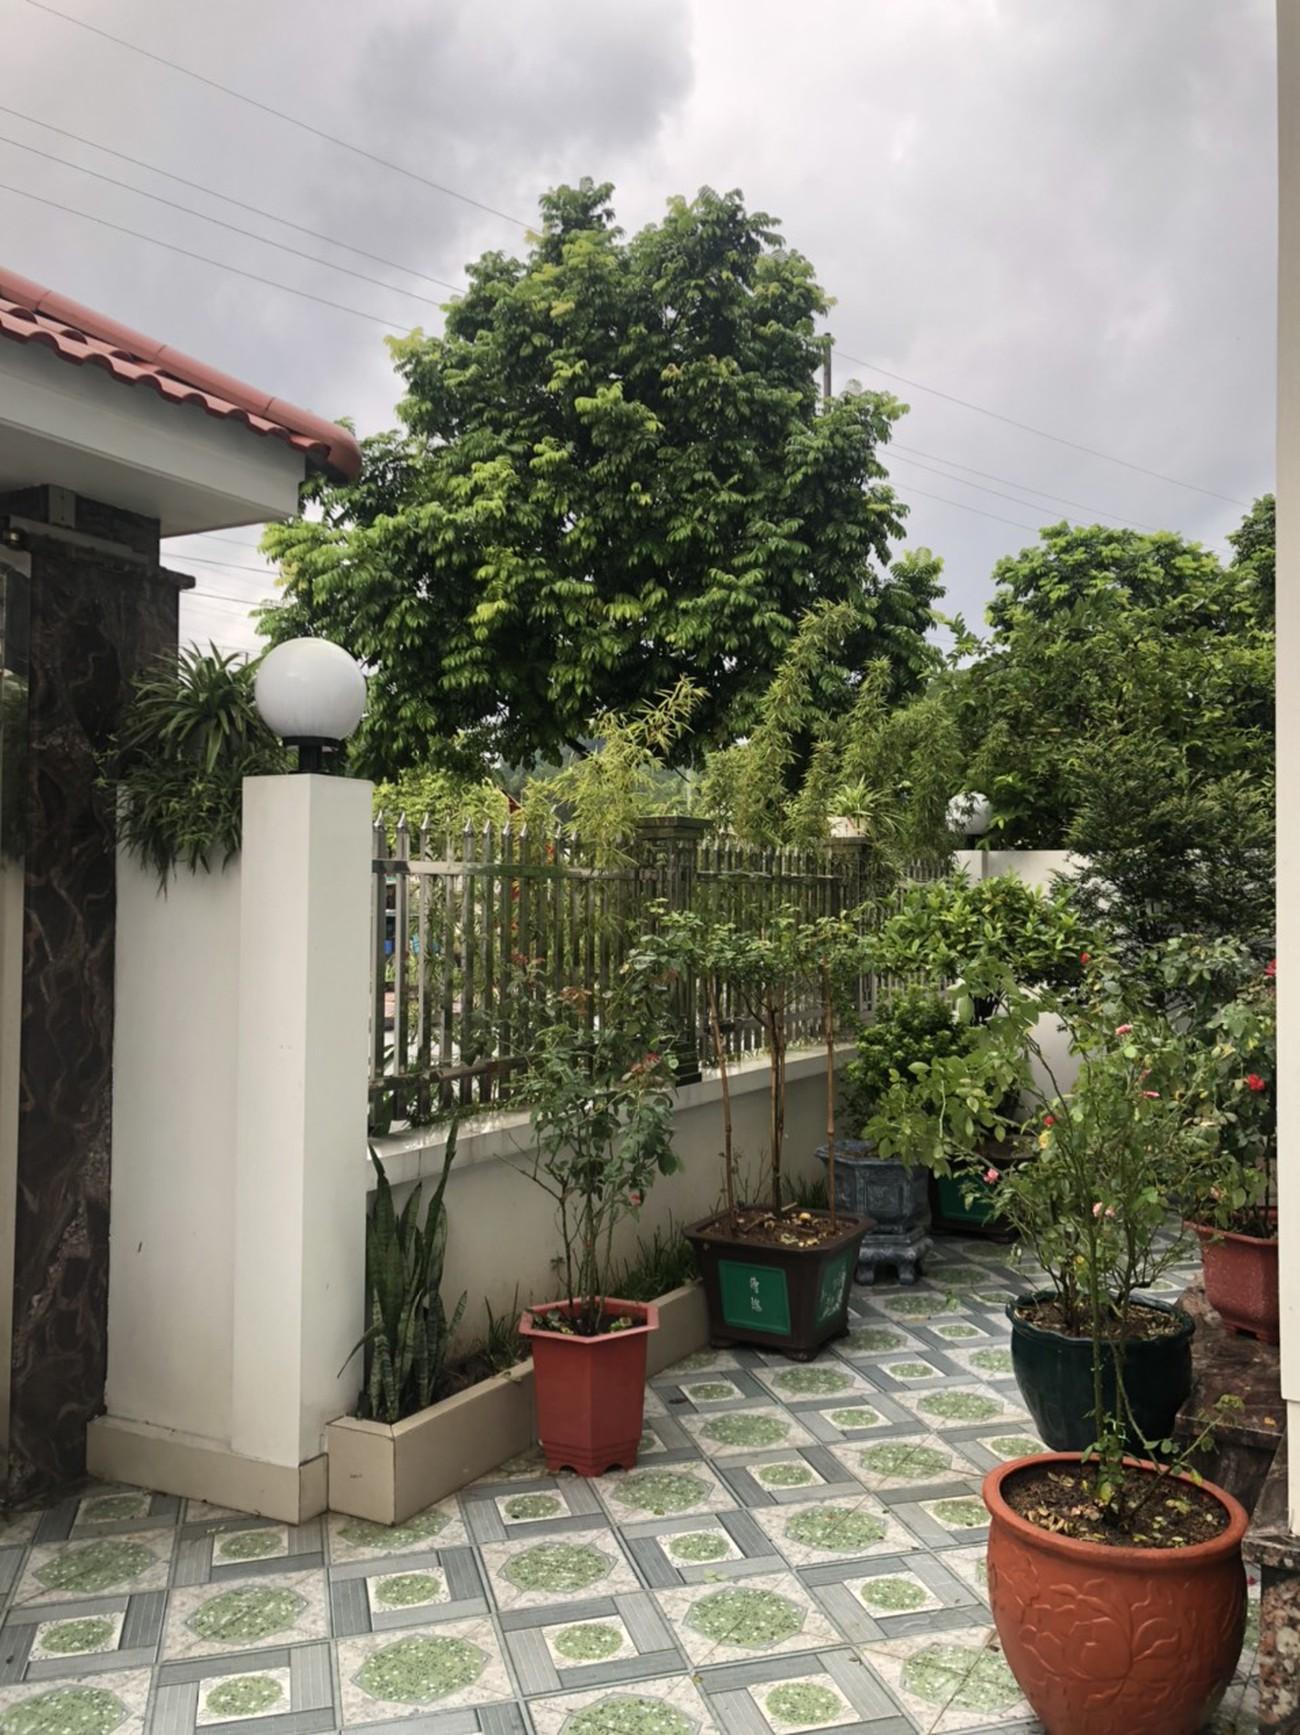 ho-mshangs-house-in-quang-ninh-inox-fencejpg-1629794750.jpg